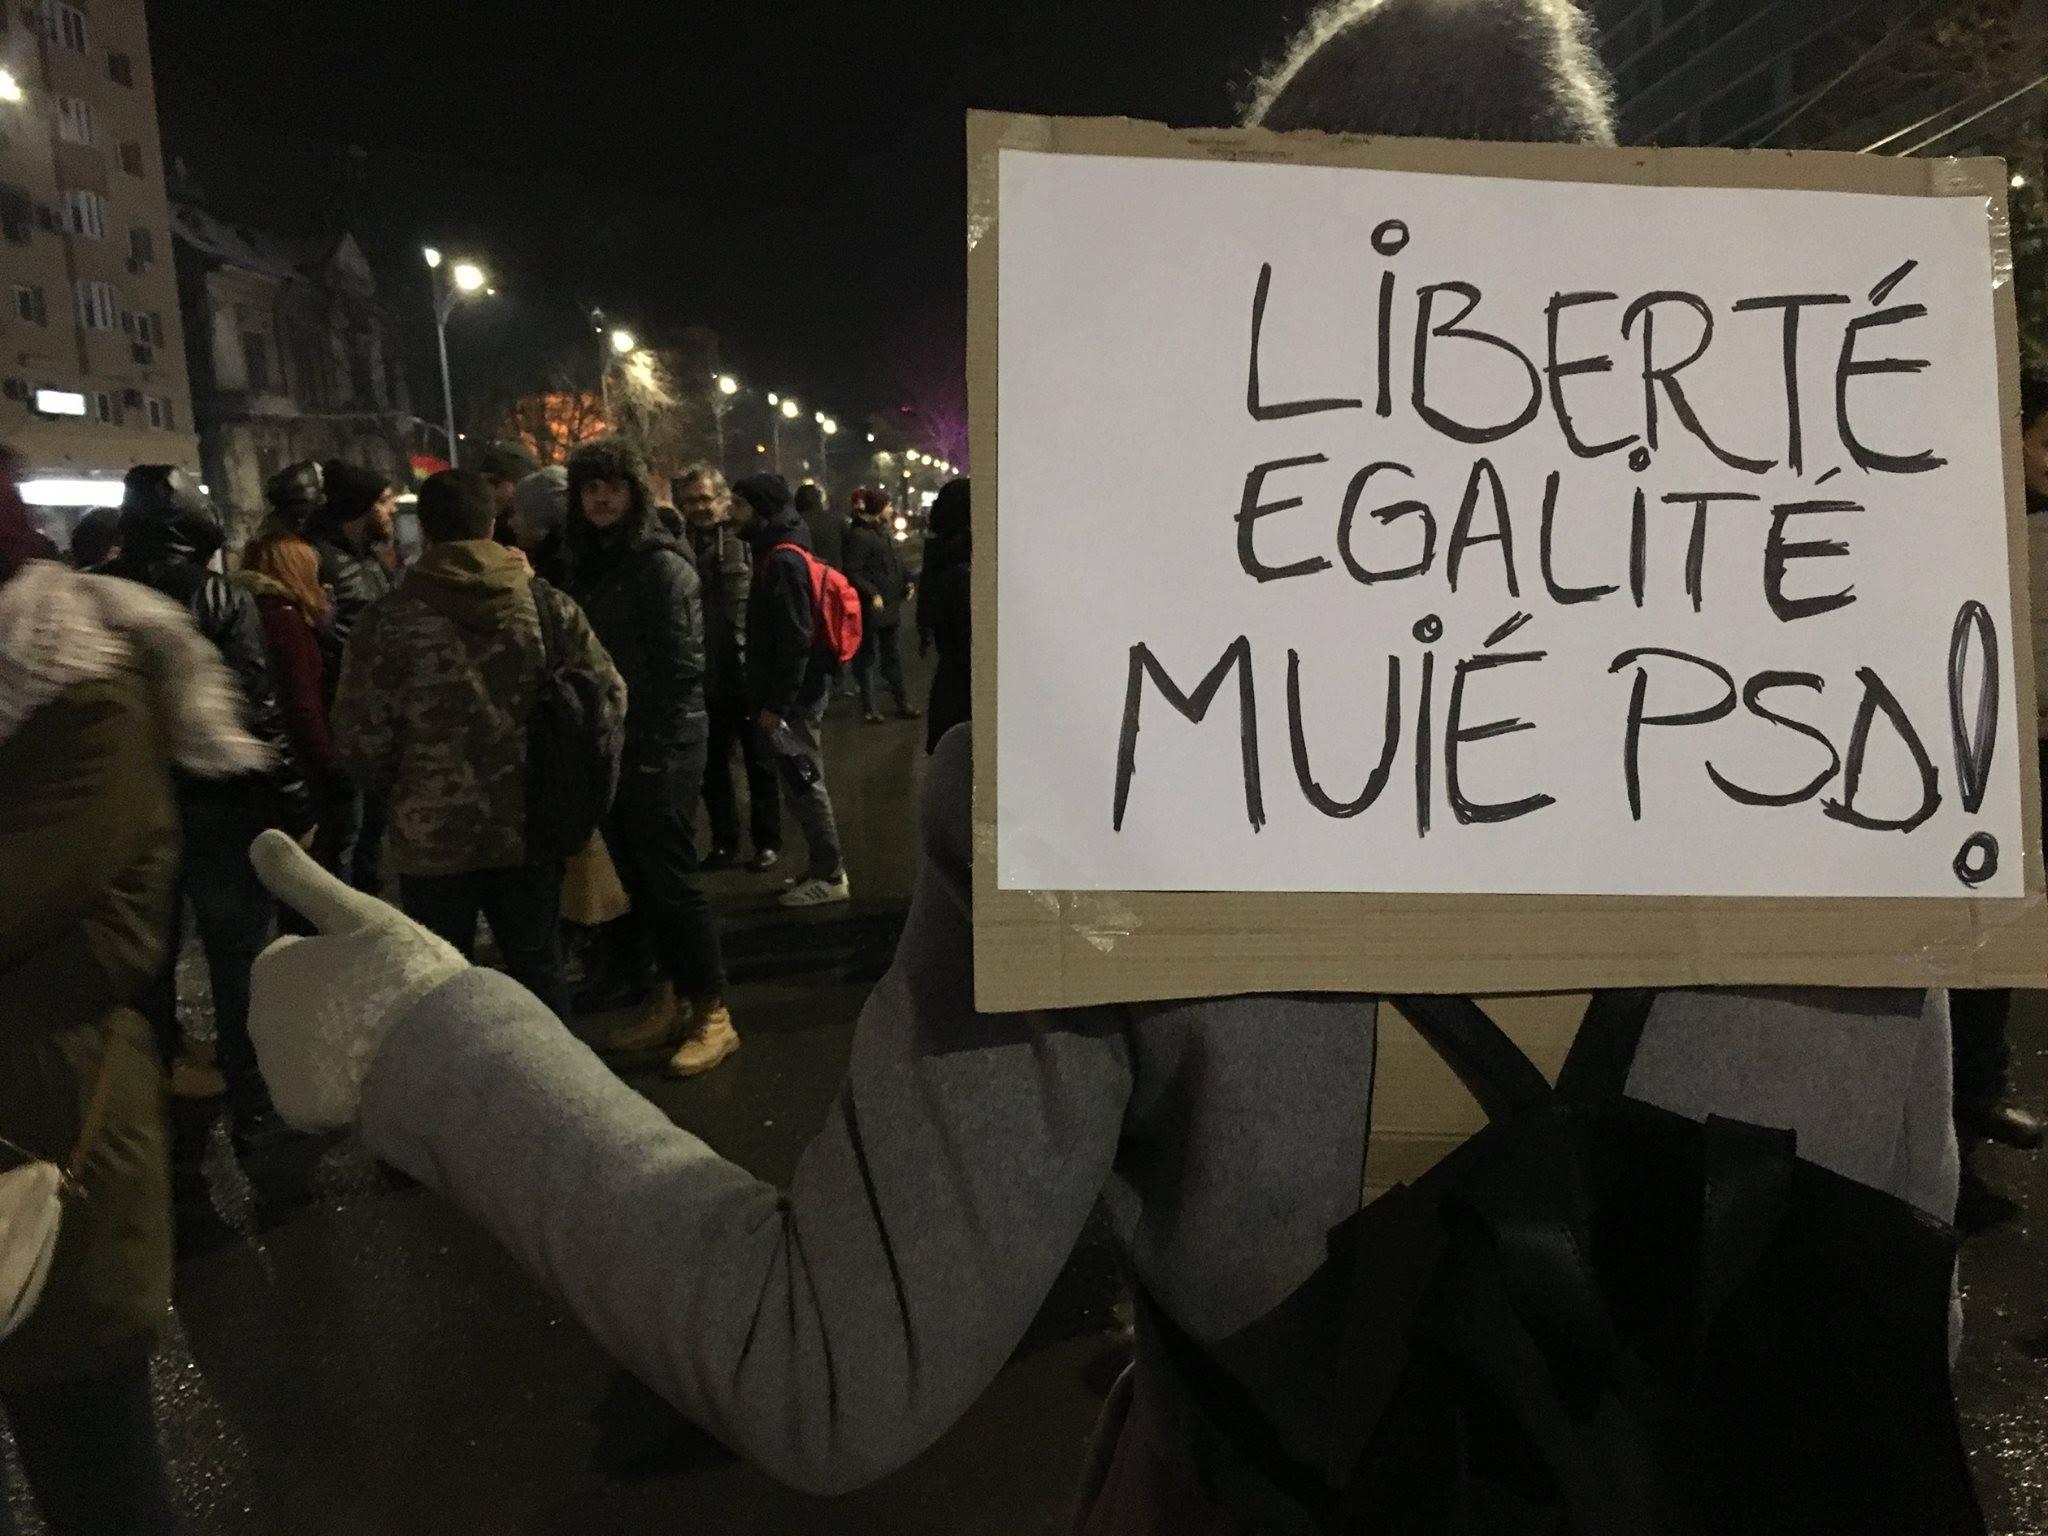 Când revoluţia franceză este adusă în piaţă ca să sprijine cauza şi să iasă rima